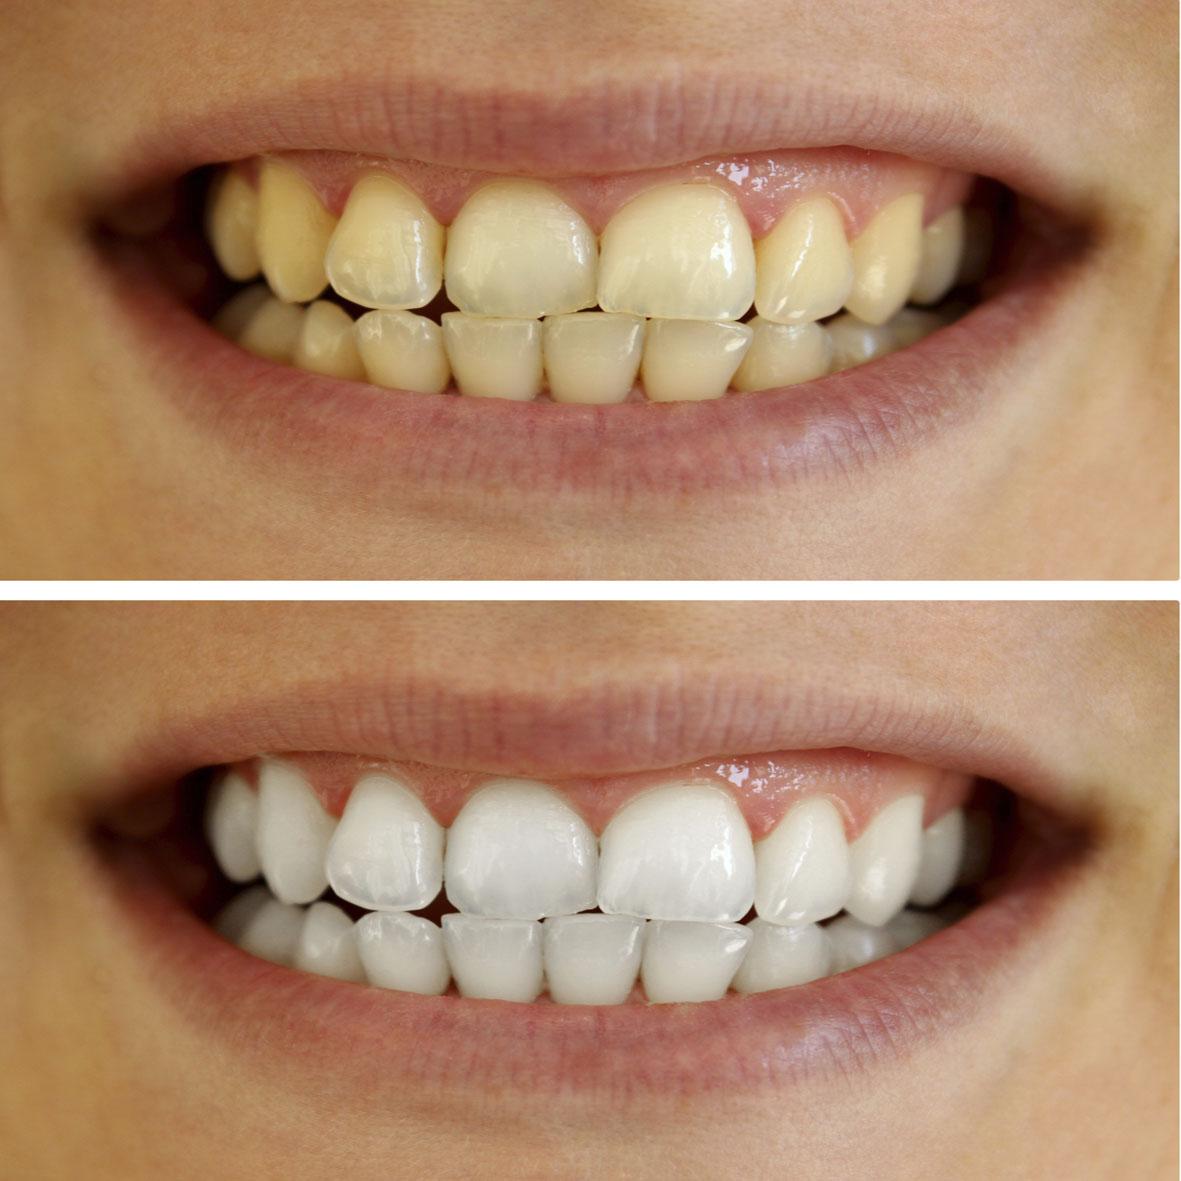 إصفرار الأسنان.png 2